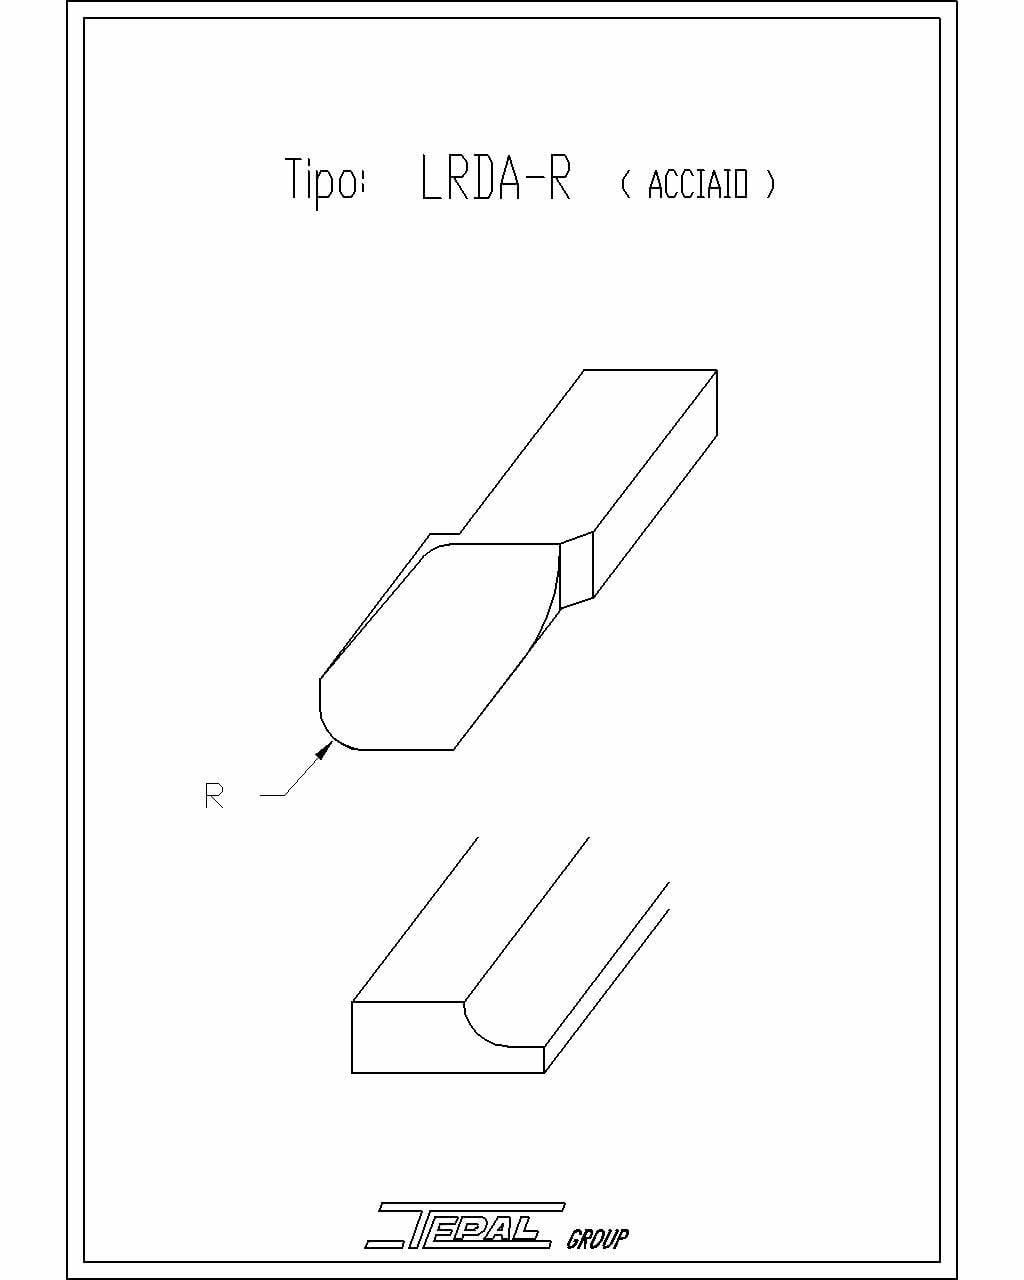 LRDA-R